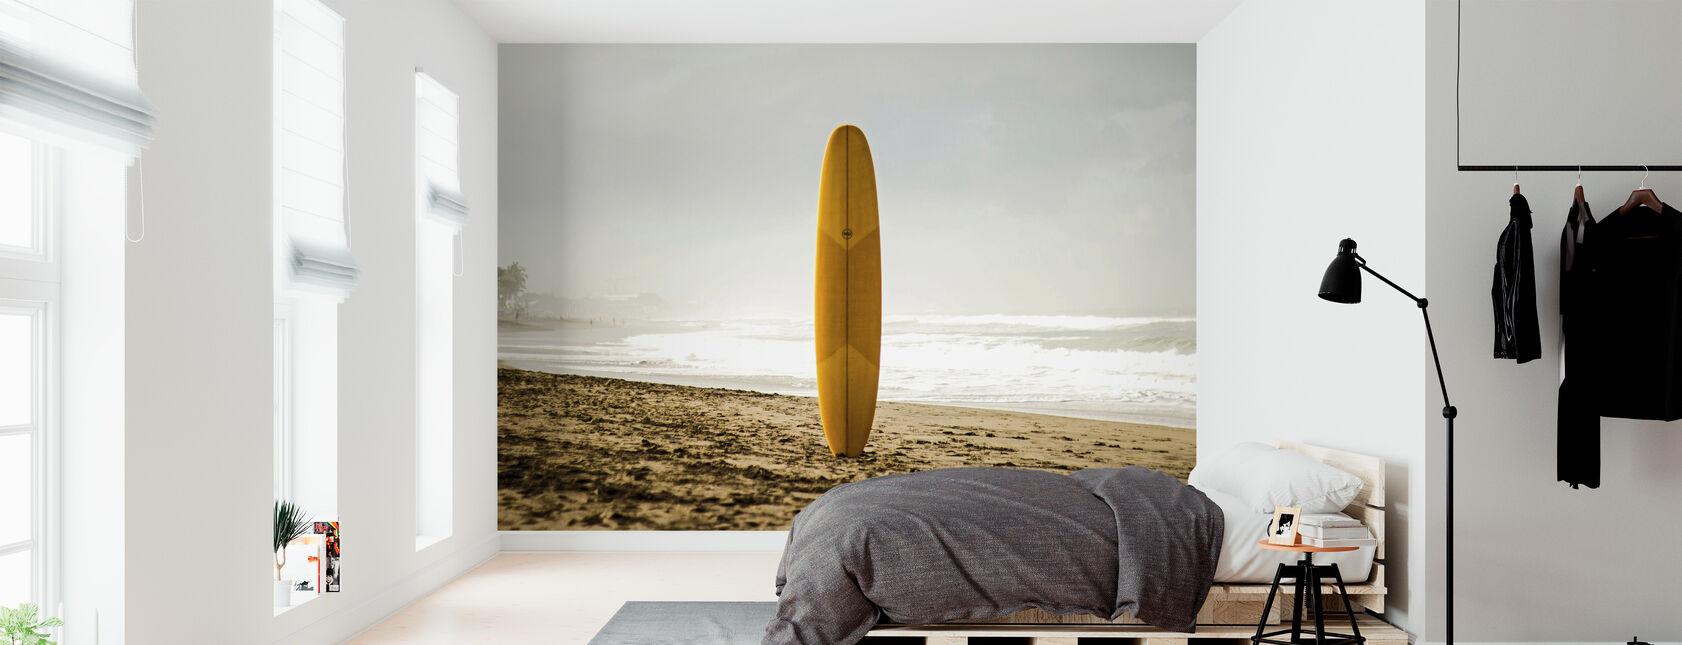 Surfboard - Wallpaper - Bedroom